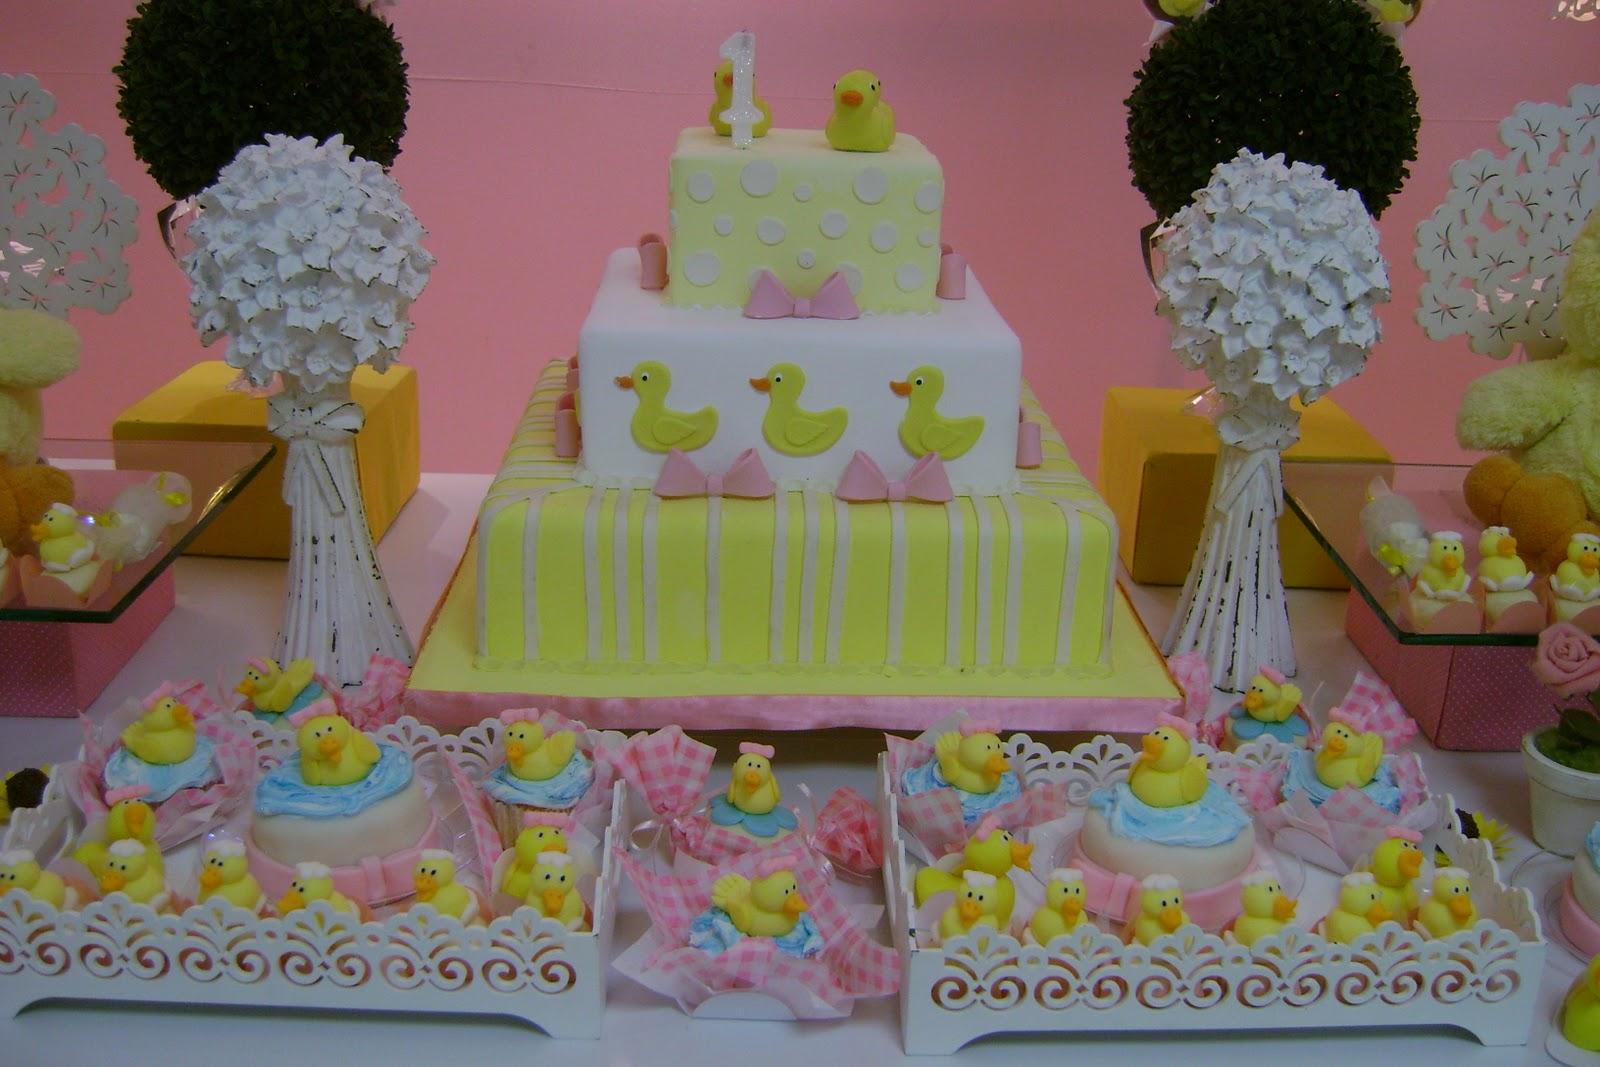 decoracao festa infantil azul e amarelo : decoracao festa infantil azul e amarelo: guloseimas personalizadas da Papeliê e os lindos docinhos da